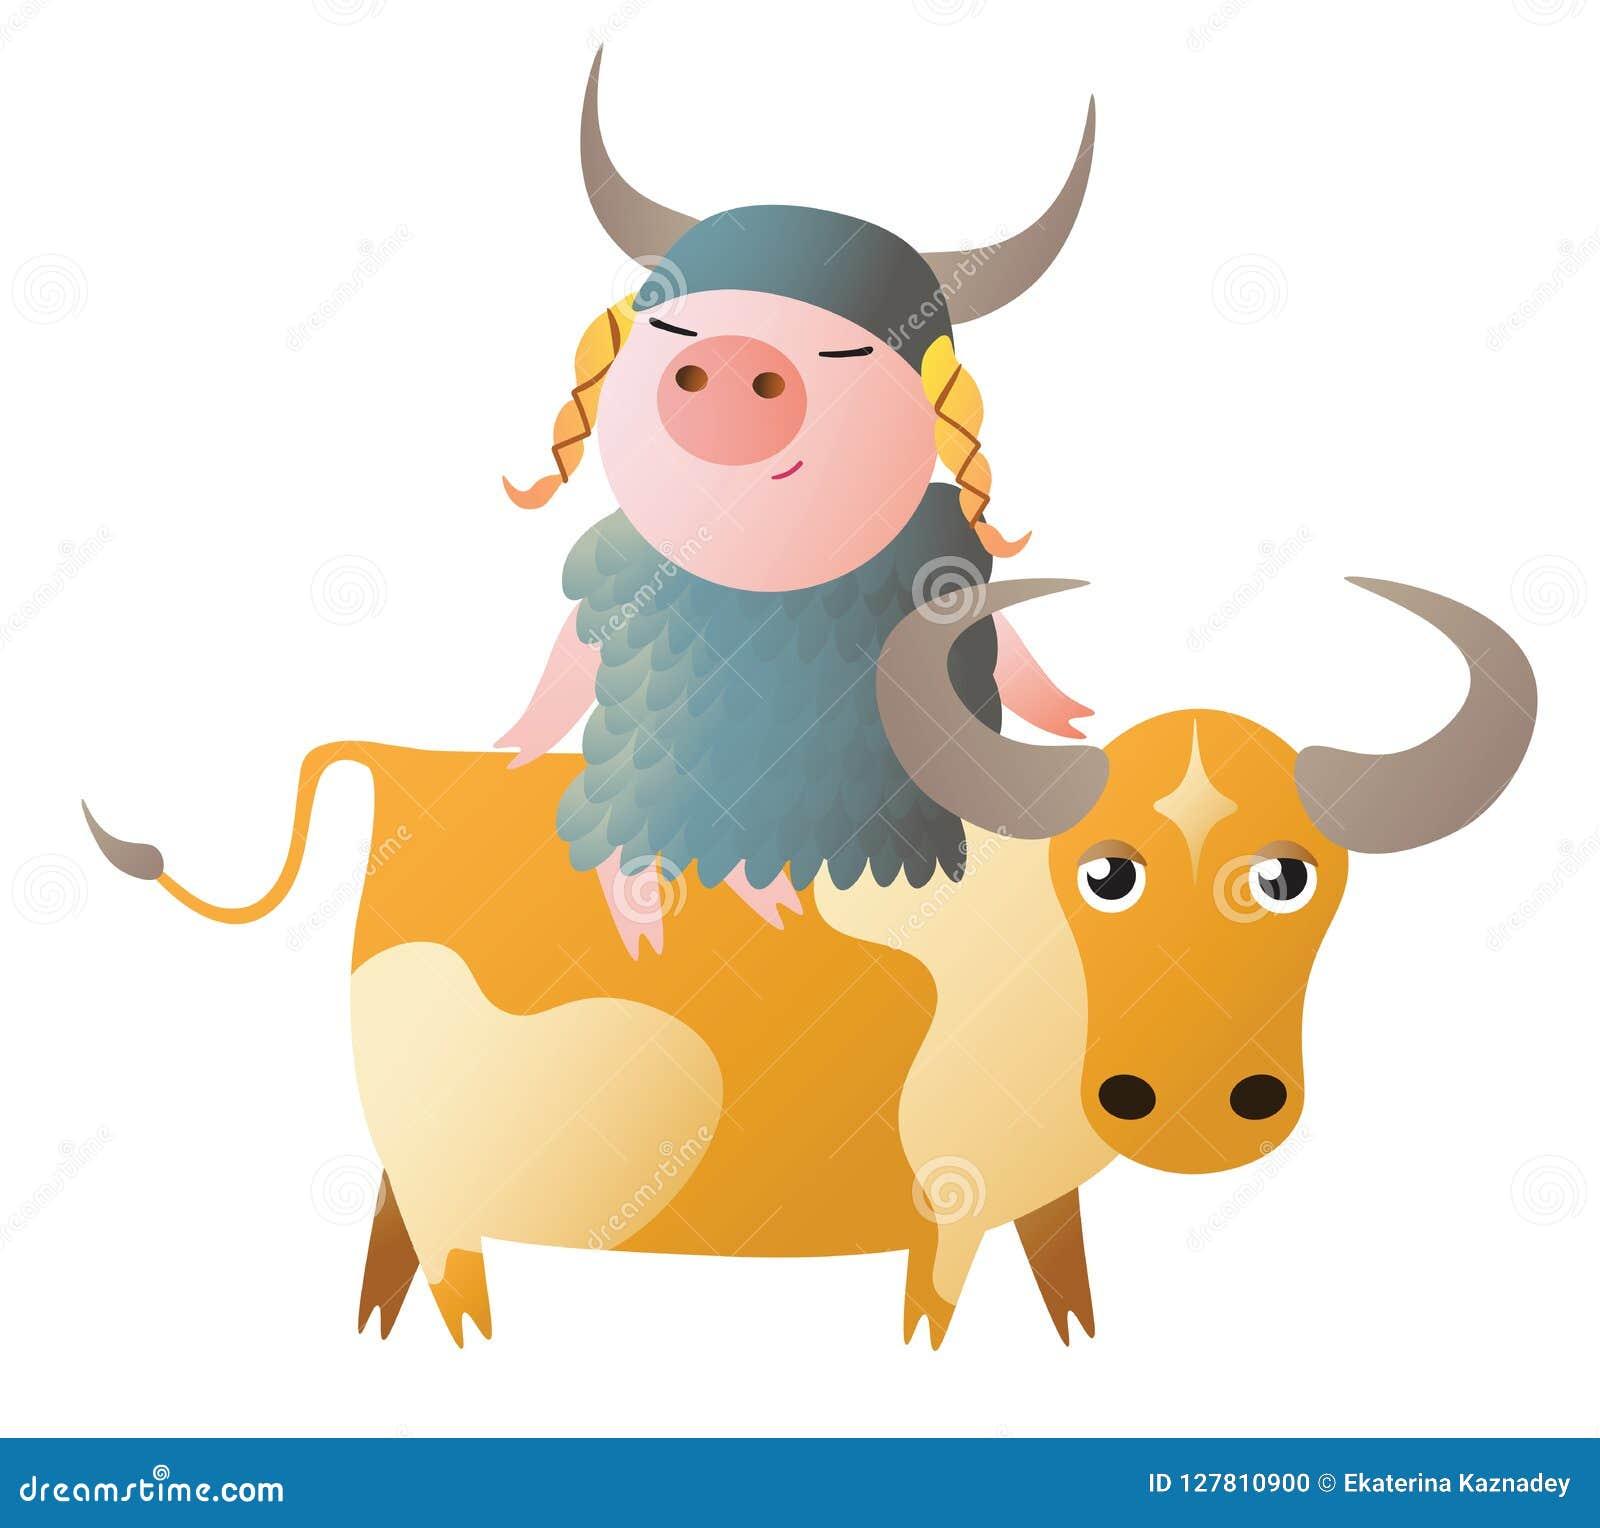 Zodiac Pig Taurus  Chinese Horoscope Symbol 2019 Year  Stock